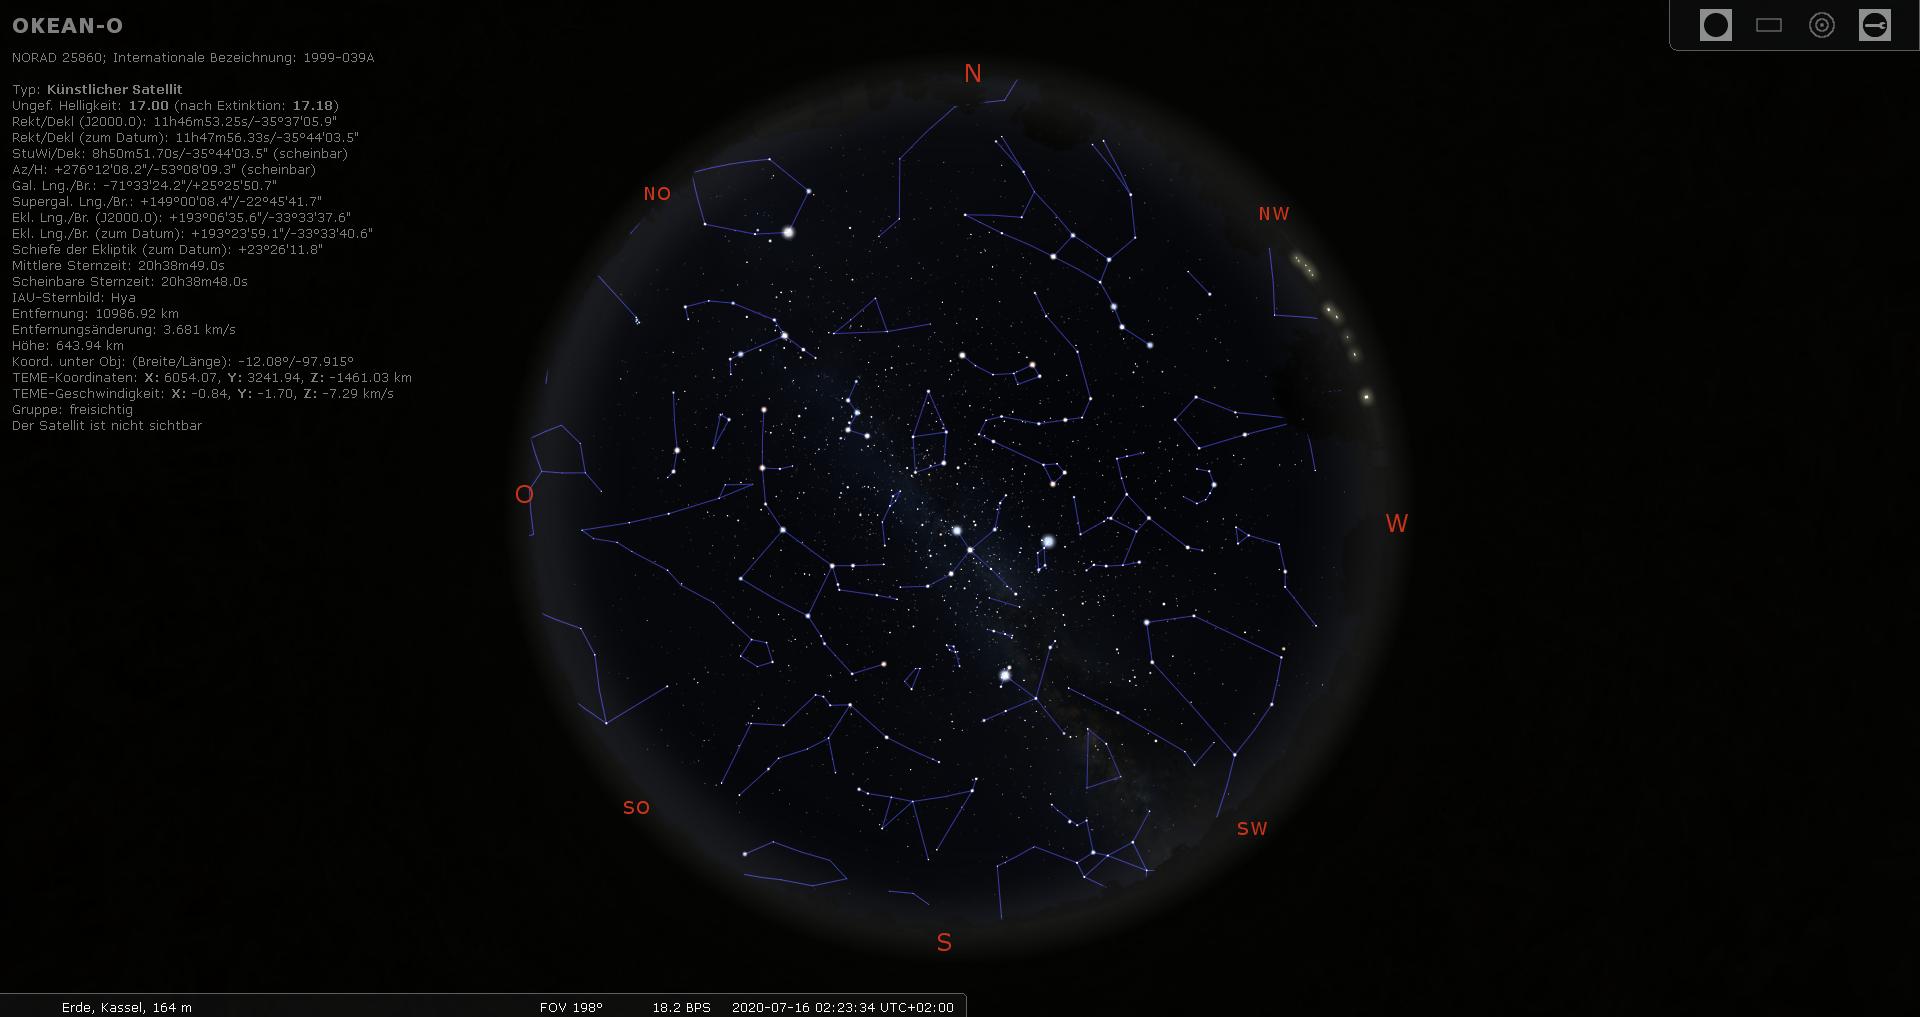 stellarium-024.png